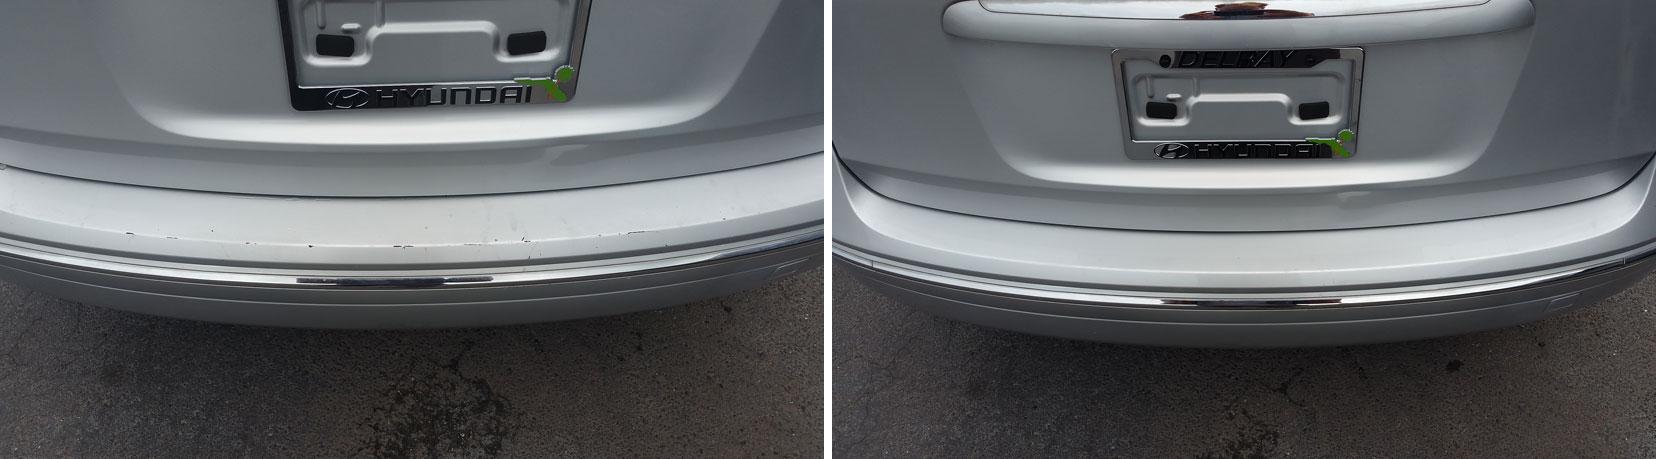 Hyundai-Paint-Scratch-Repair-Palm-Beach,-FL